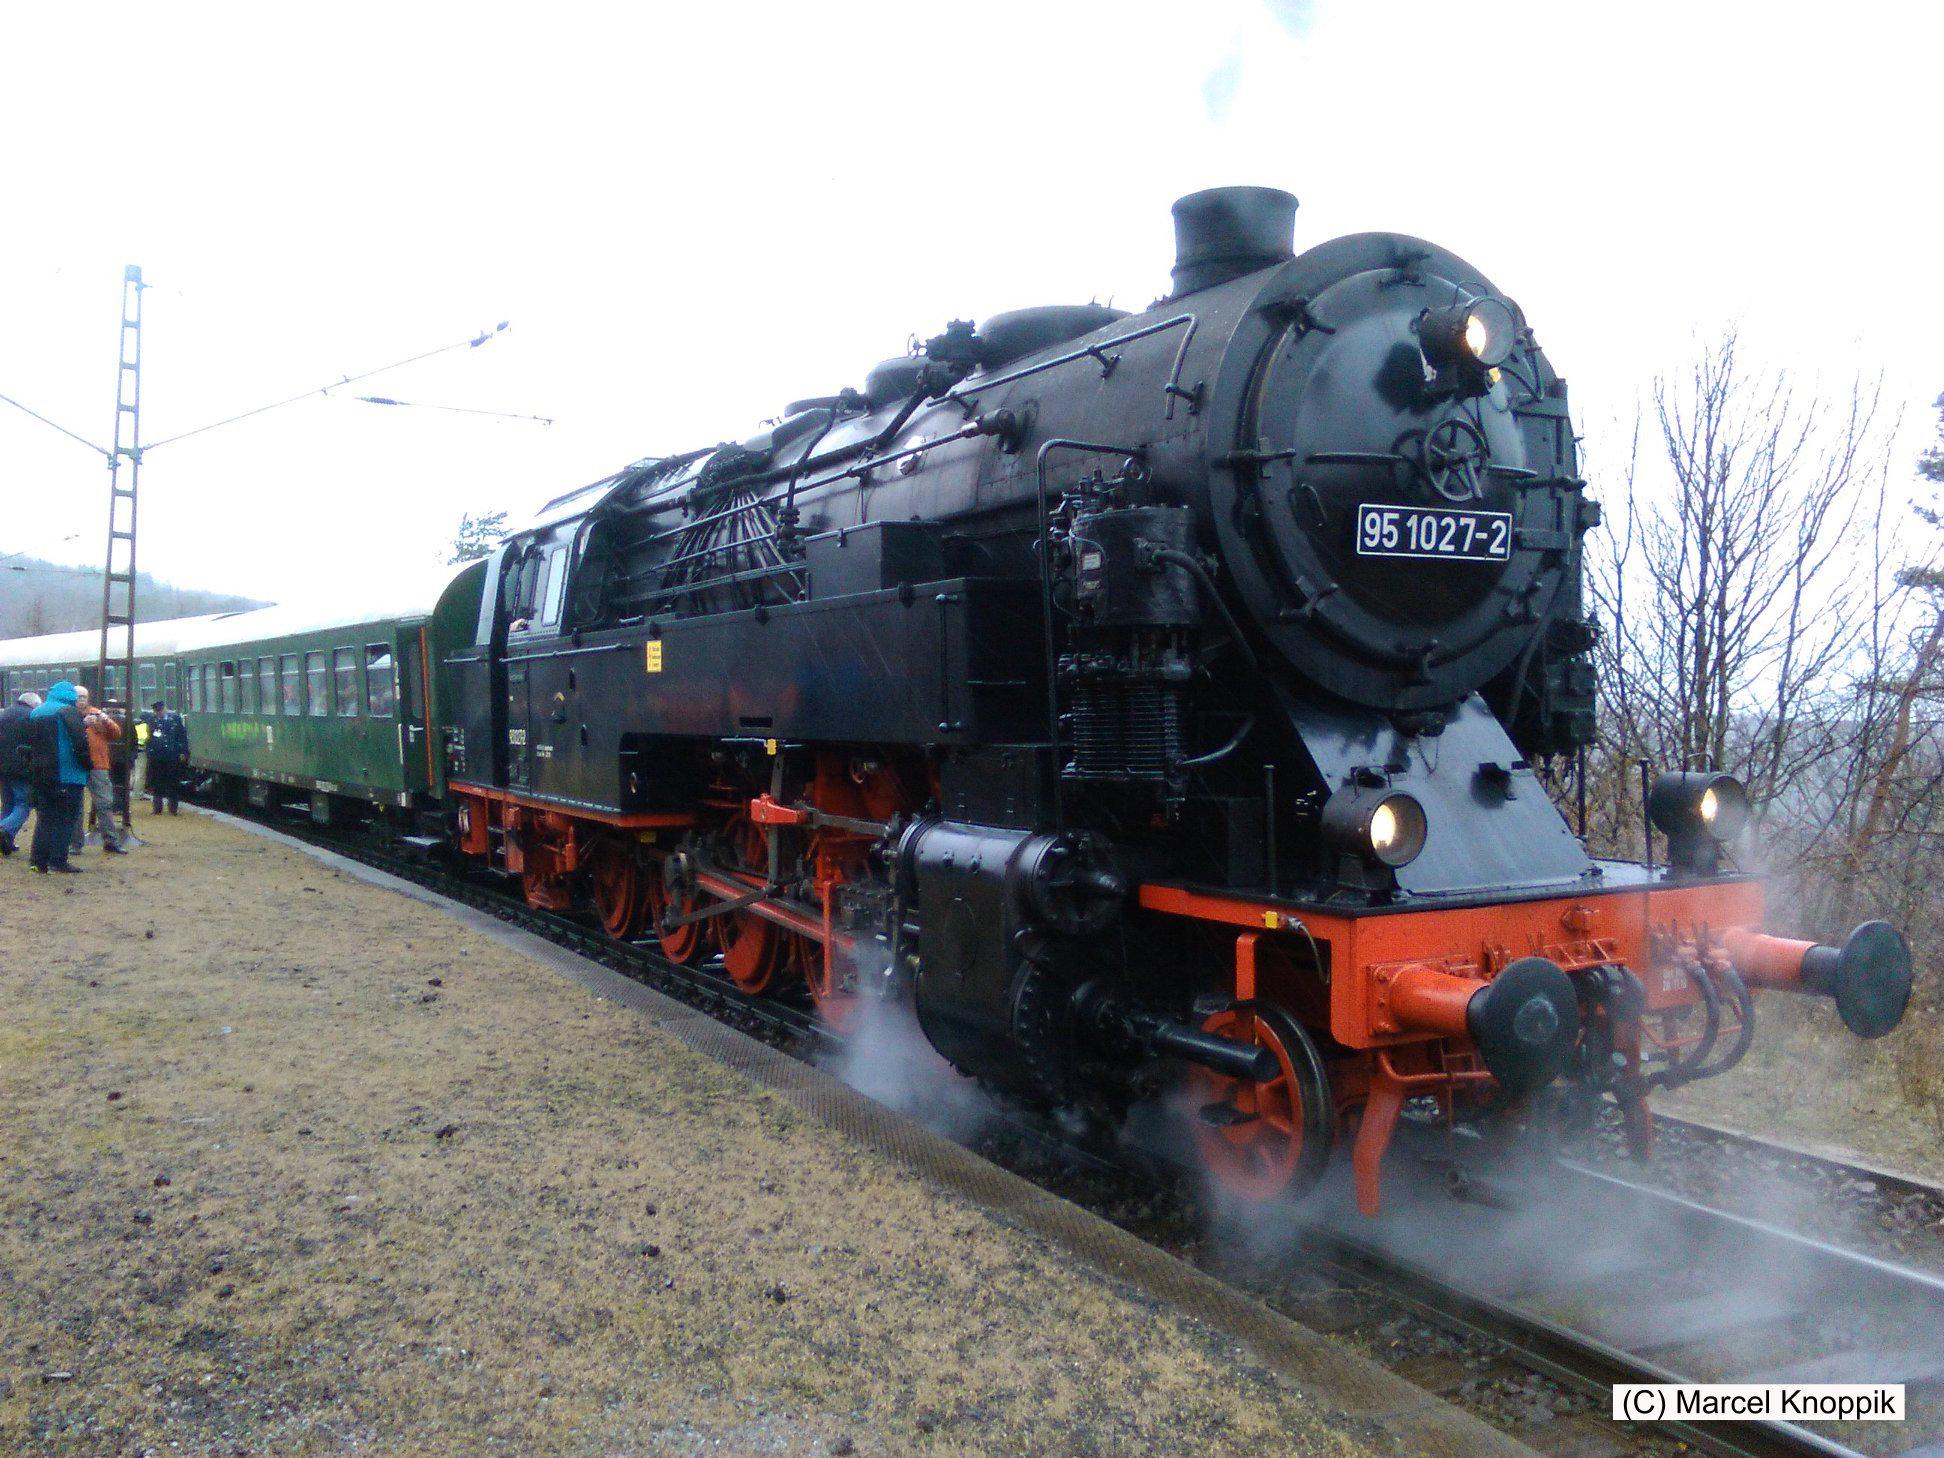 Bahnhof Michaelstein zum Umsetzen der Dampflok